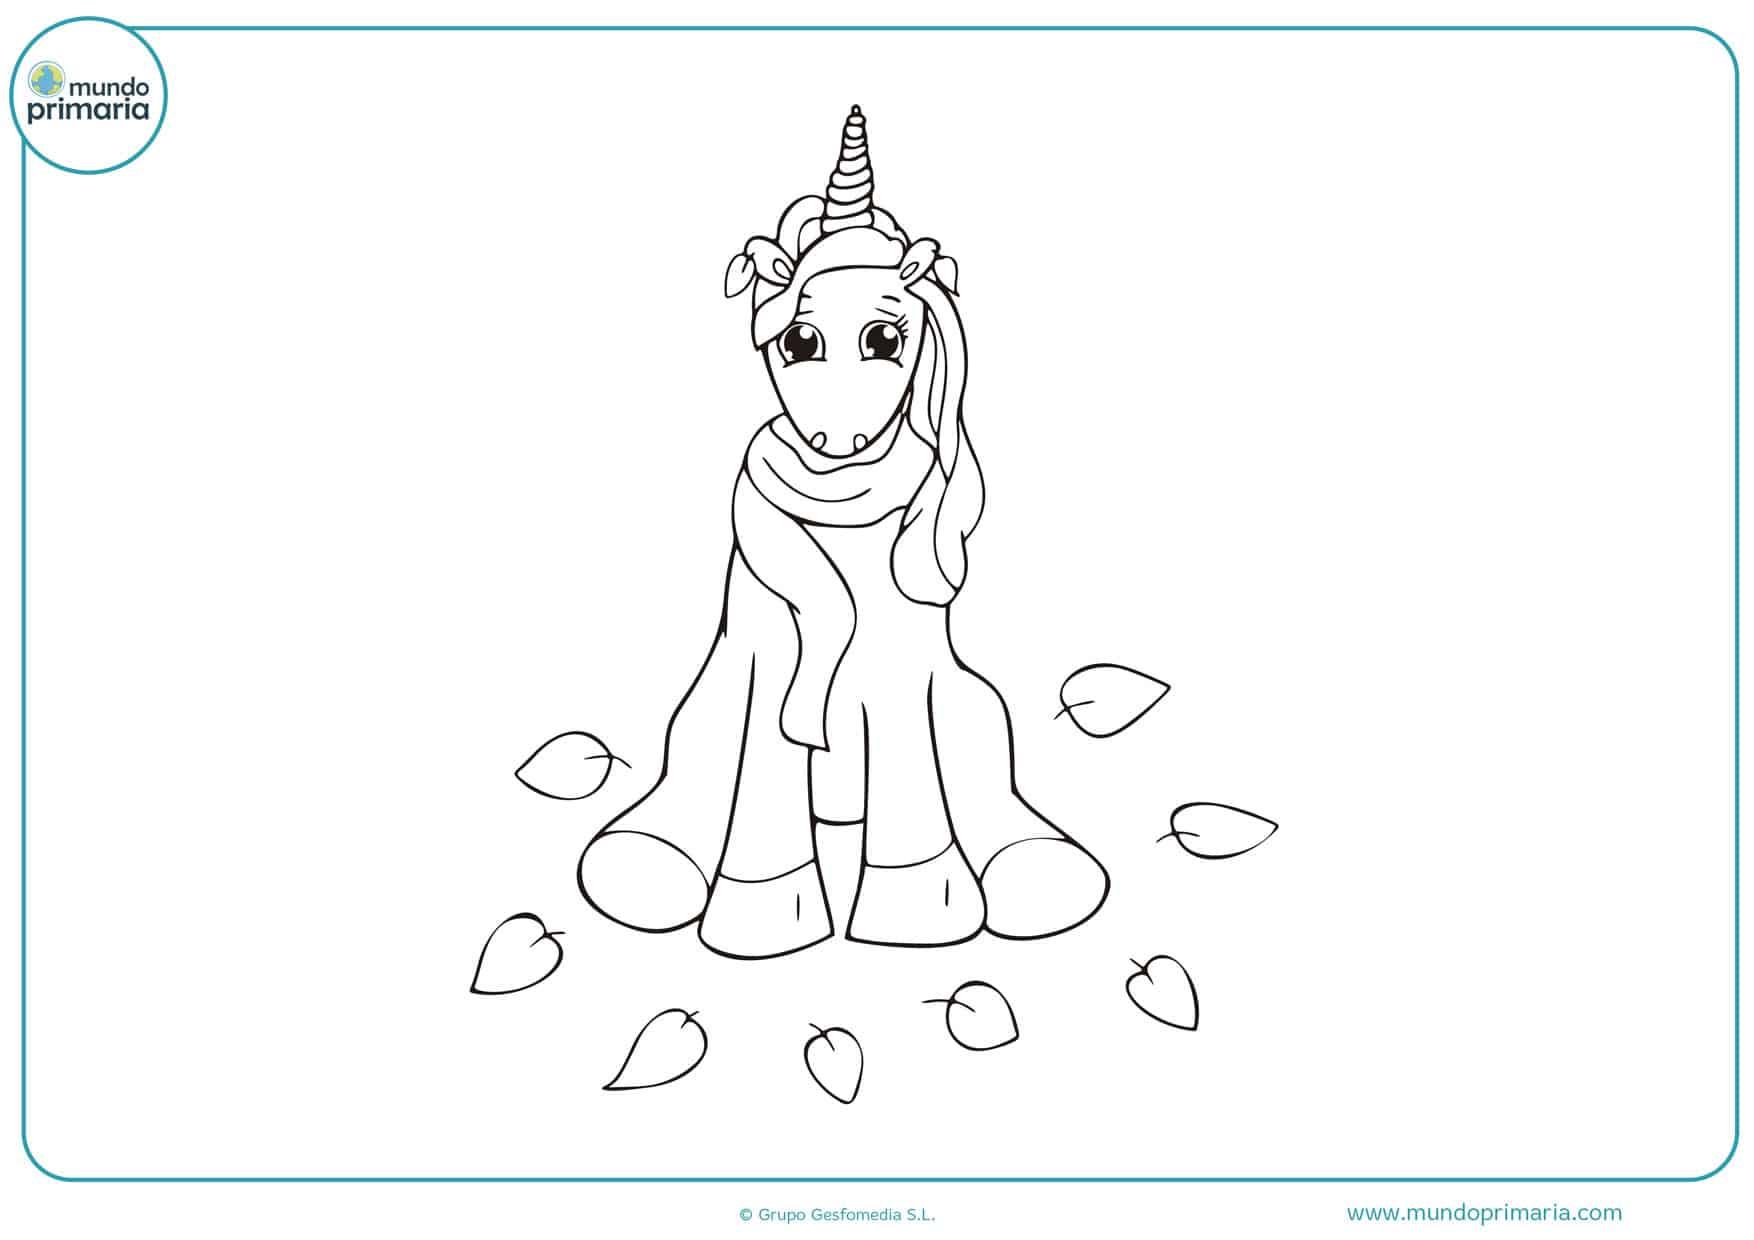 dibujos para colorear de unicornios divertidos